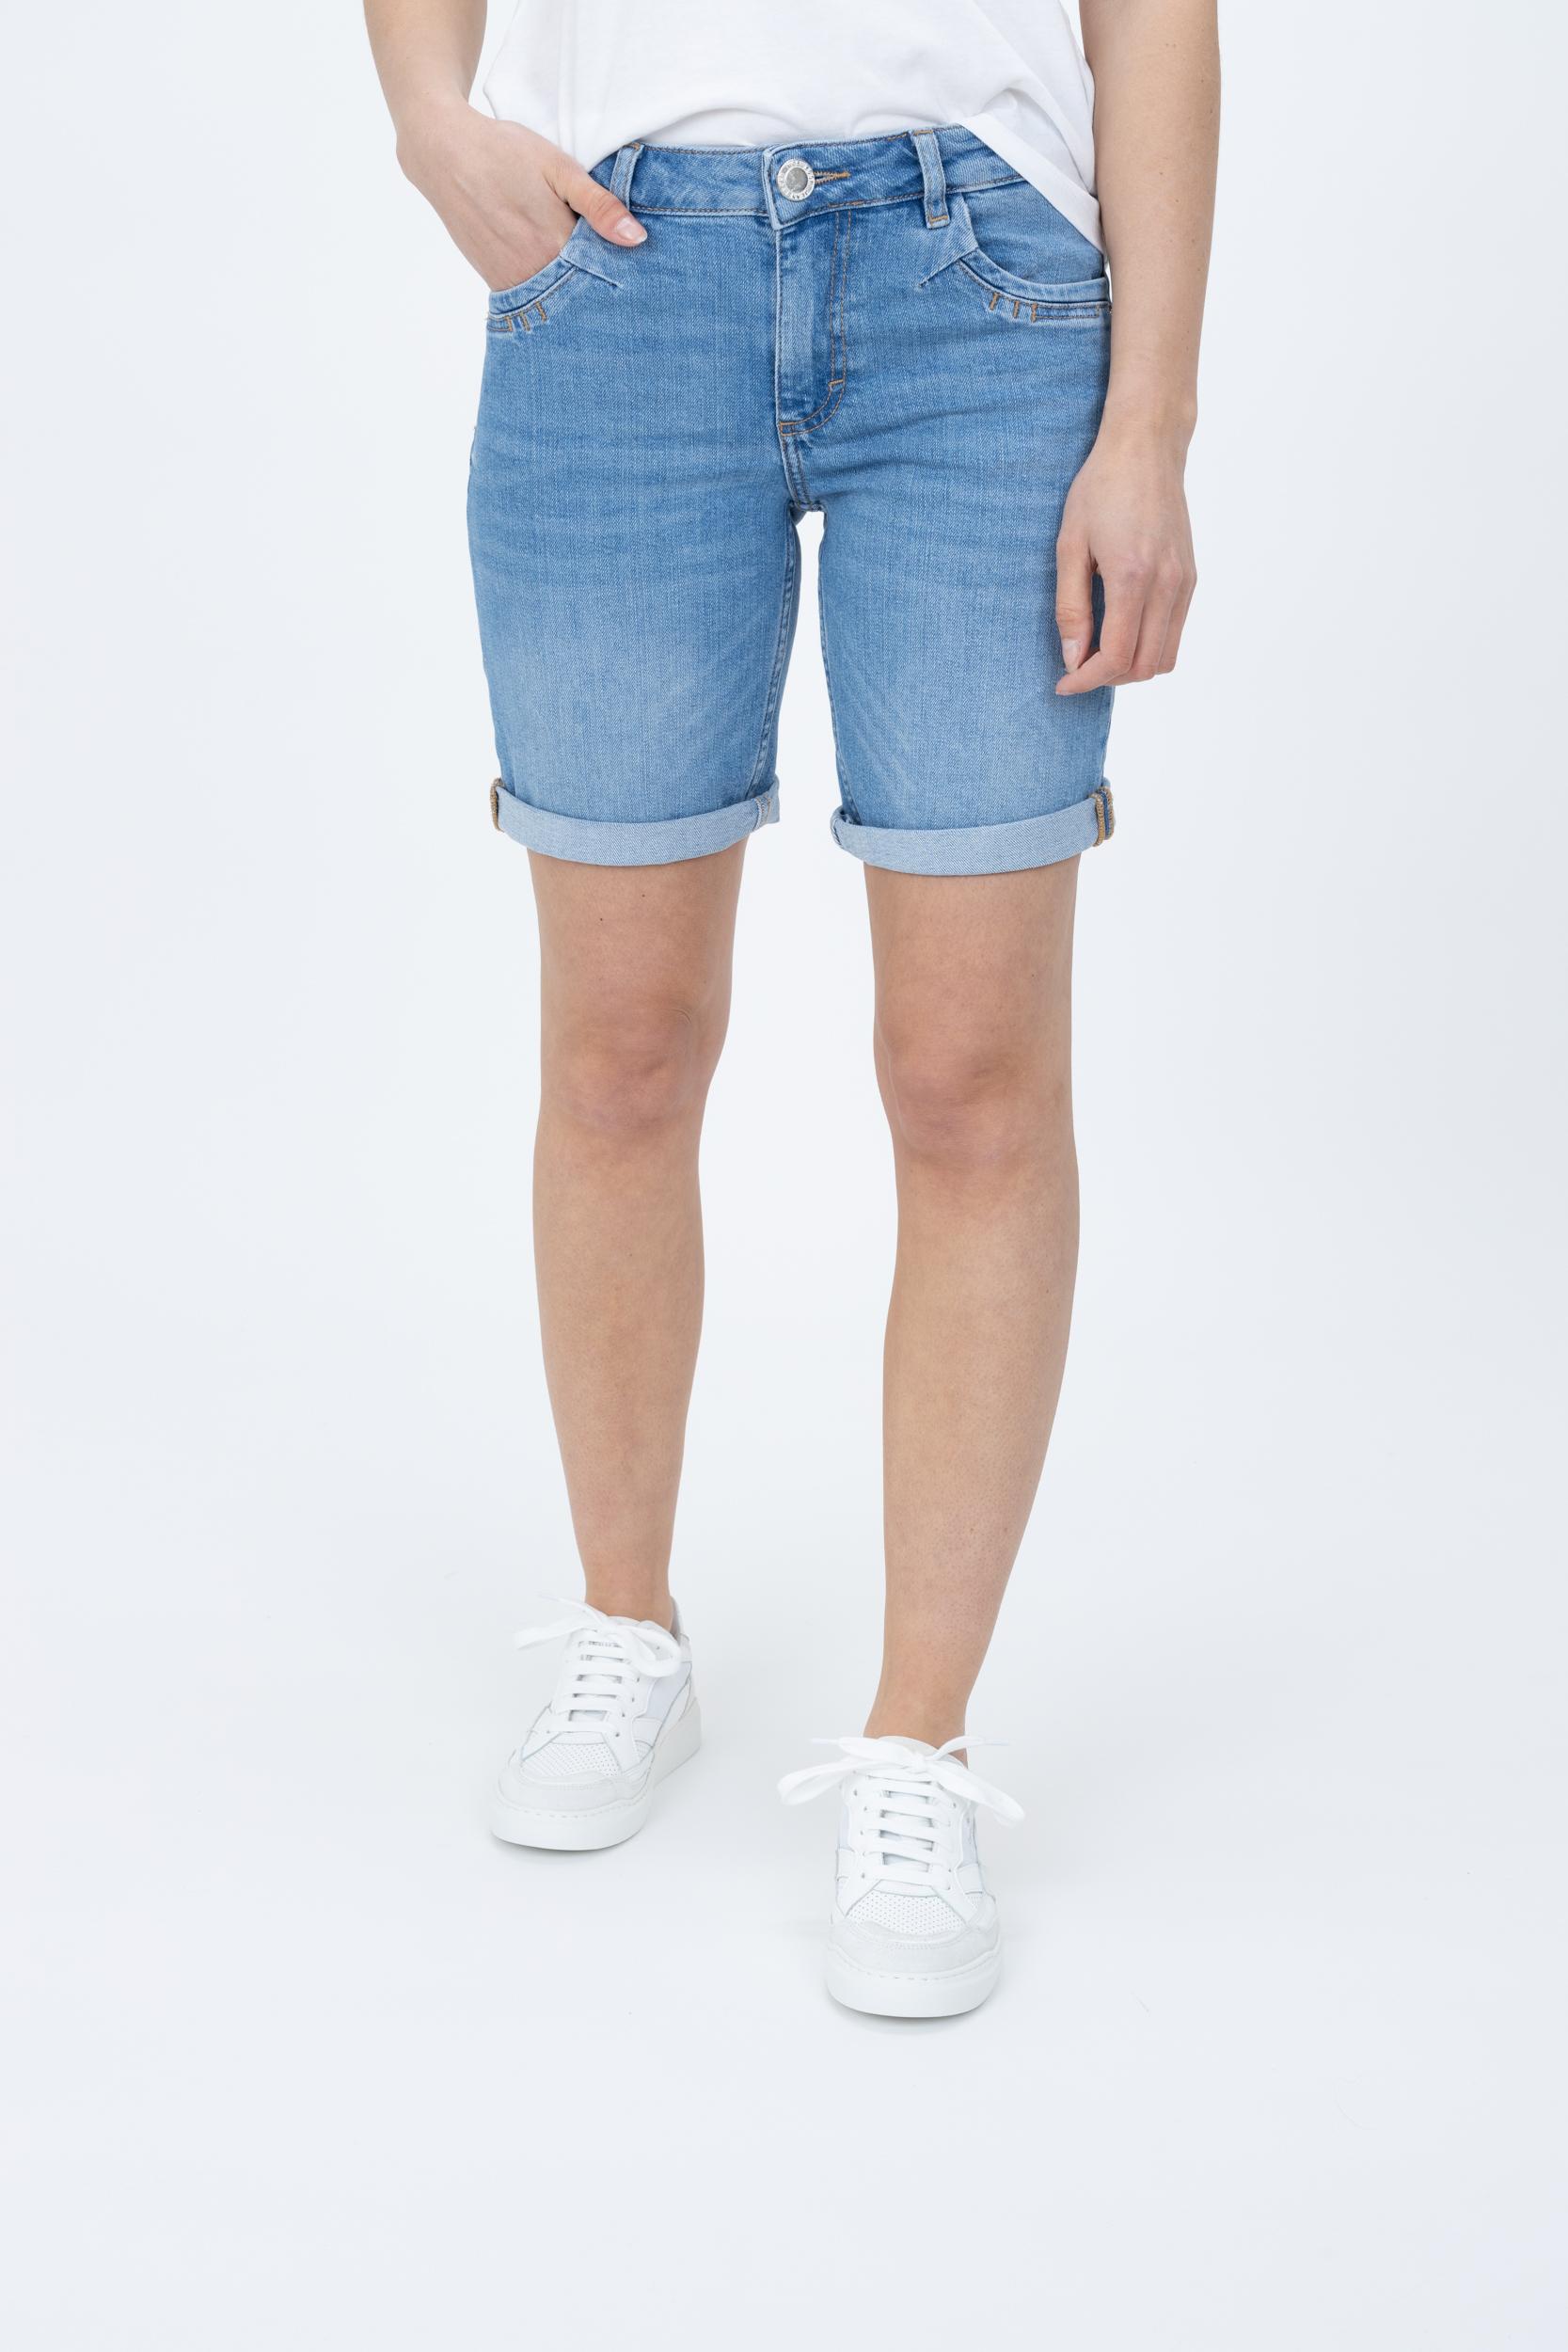 Shorts Ava Dive